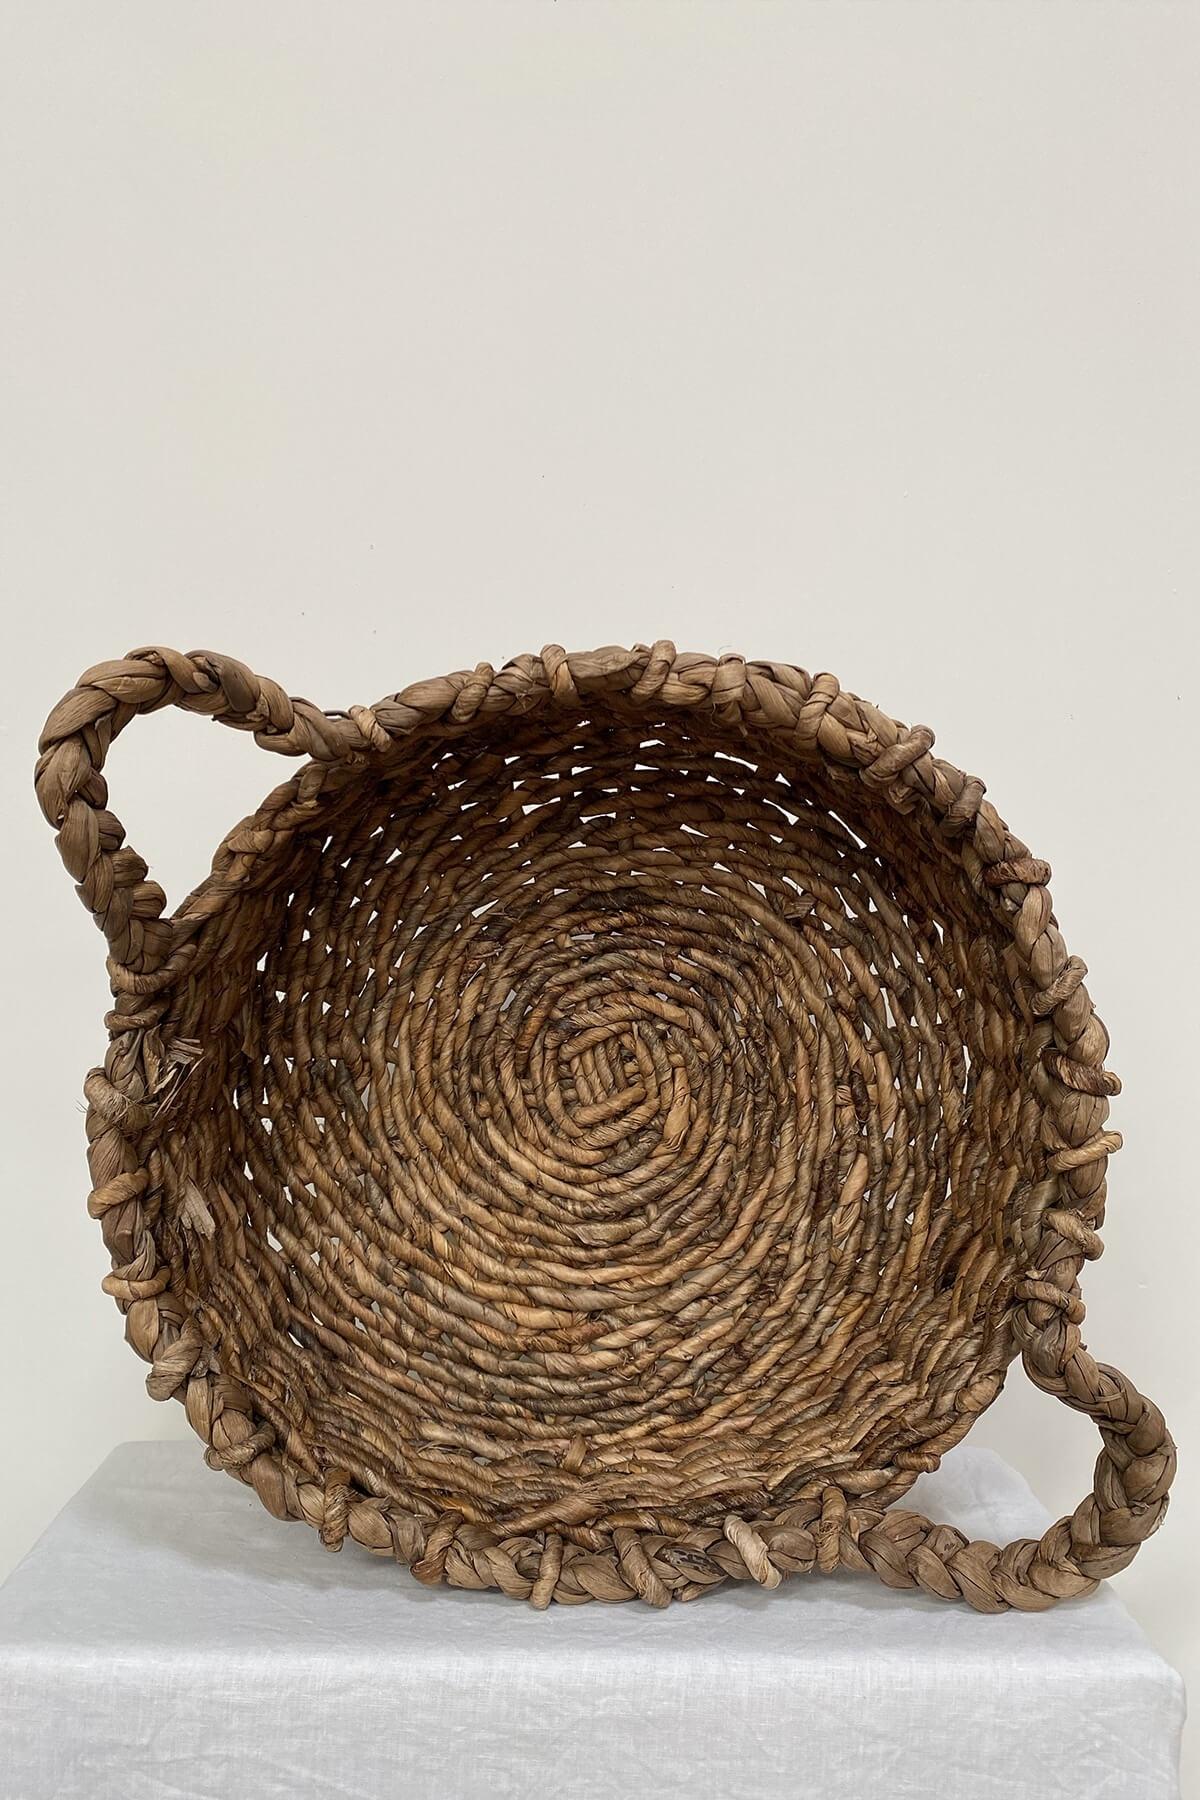 BANANAS Basket